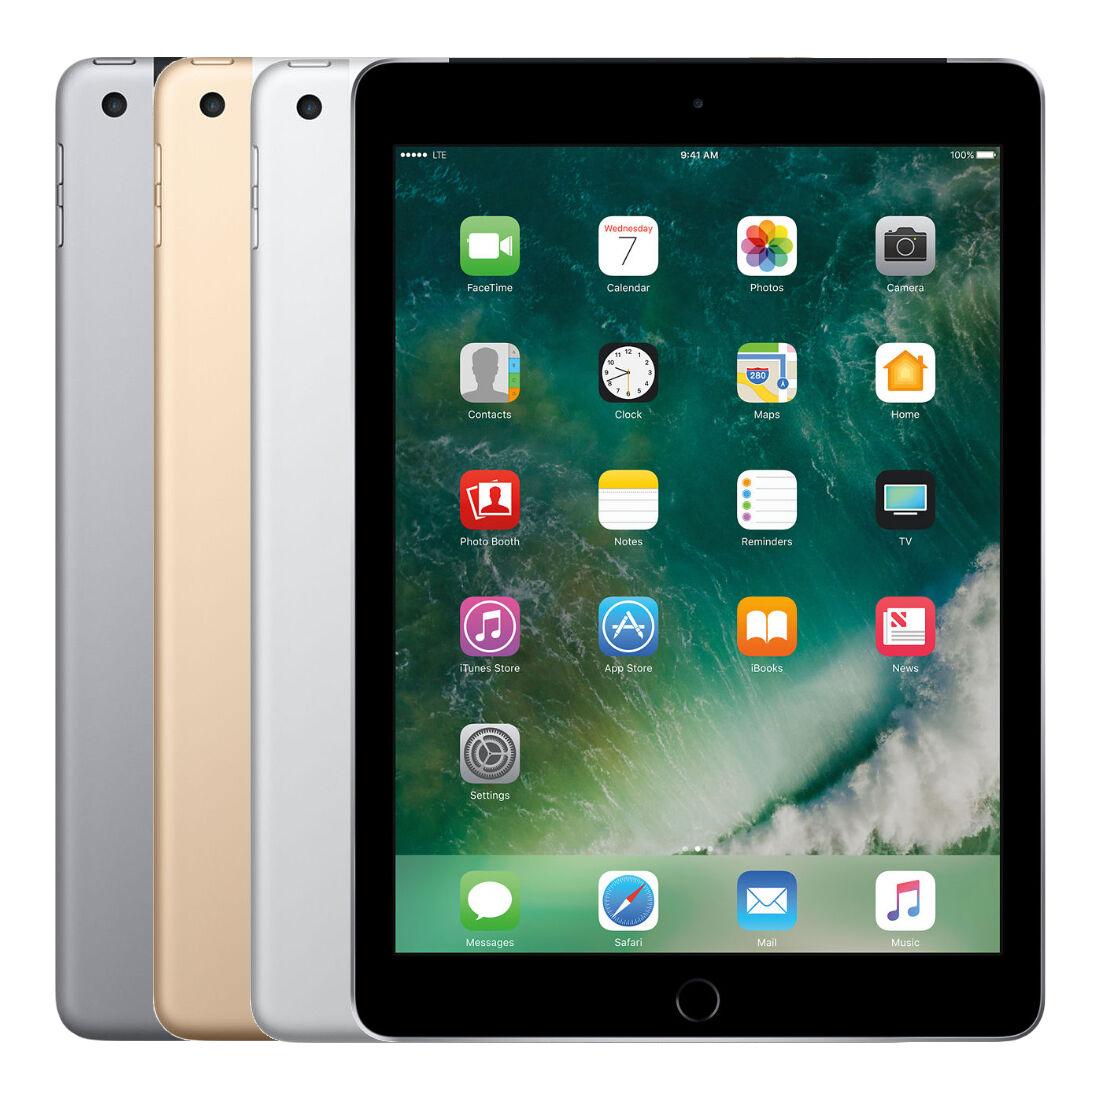 """Apple iPad 5th Gen 32GB 9.7"""" WiFi 4G LTE """"Factory Unlocked"""" Tablet"""